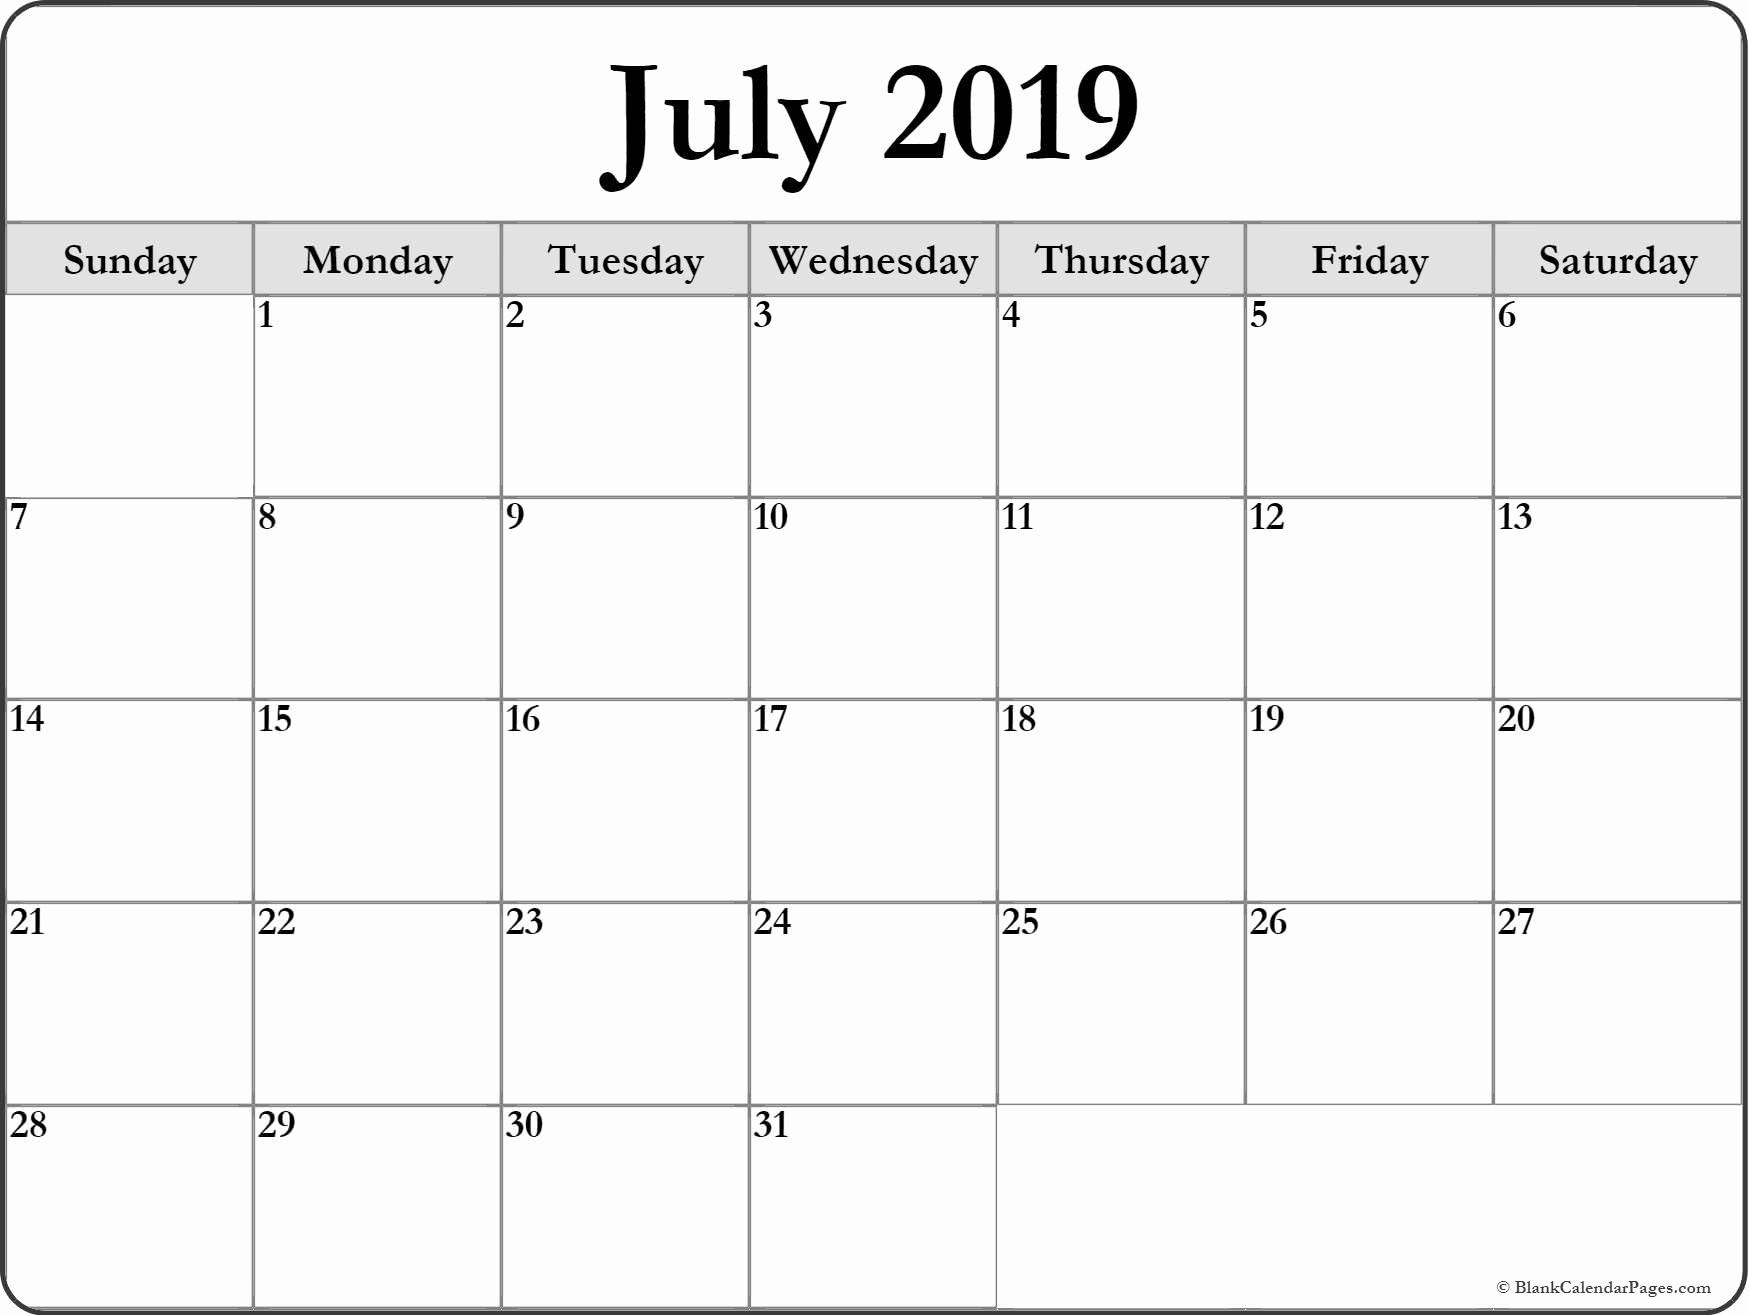 Calendar April 2018 to March 2019 In Excel Más Reciente Printable Full Year Calendar 2019 2019 Calendar Word We Have Our Of Calendar April 2018 to March 2019 In Excel Más Recientes Calendar 2017 Template Pdf New Excel Template Weekly Calendar